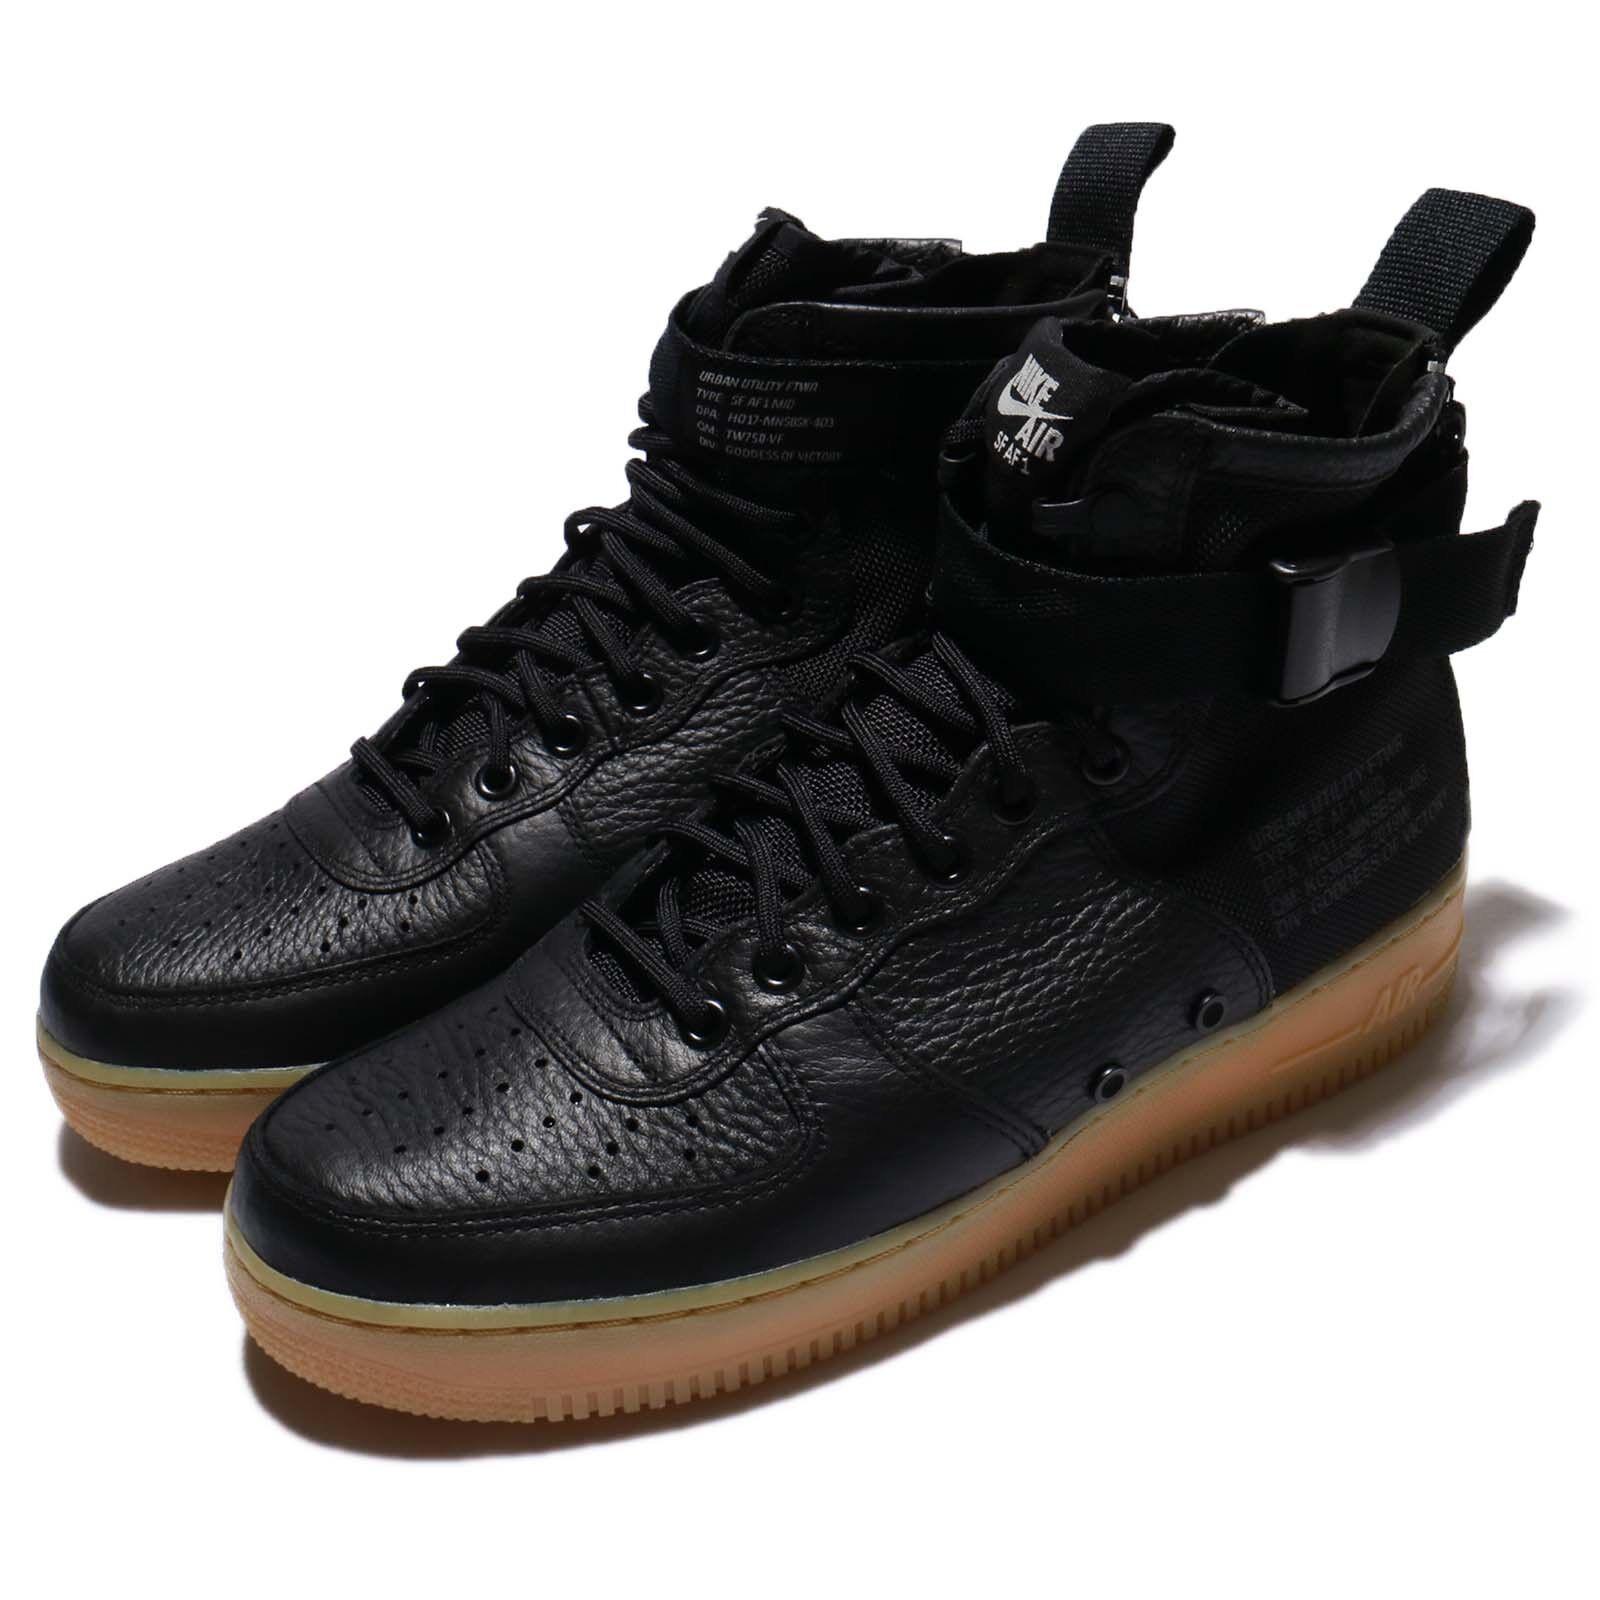 Nike sf af1 met campo chiaro speciale chewingum nero marrone chiaro campo uomini air force 1 917753-003 9cd1e4